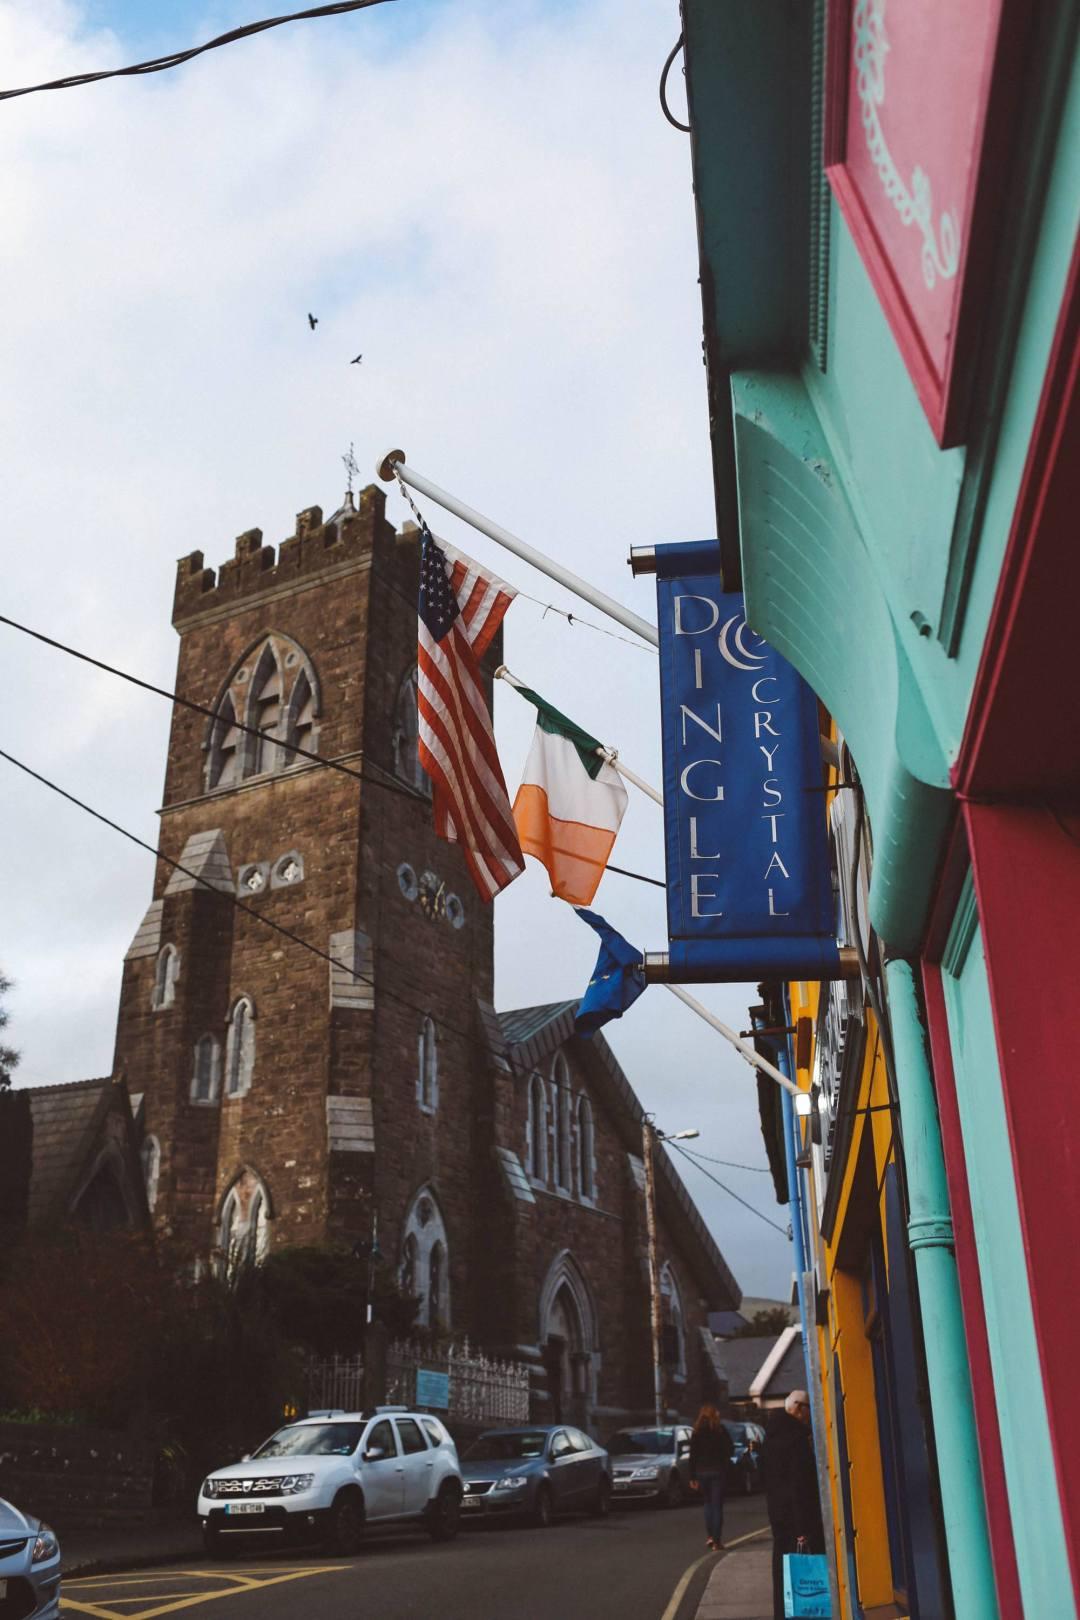 dingle ireland castle